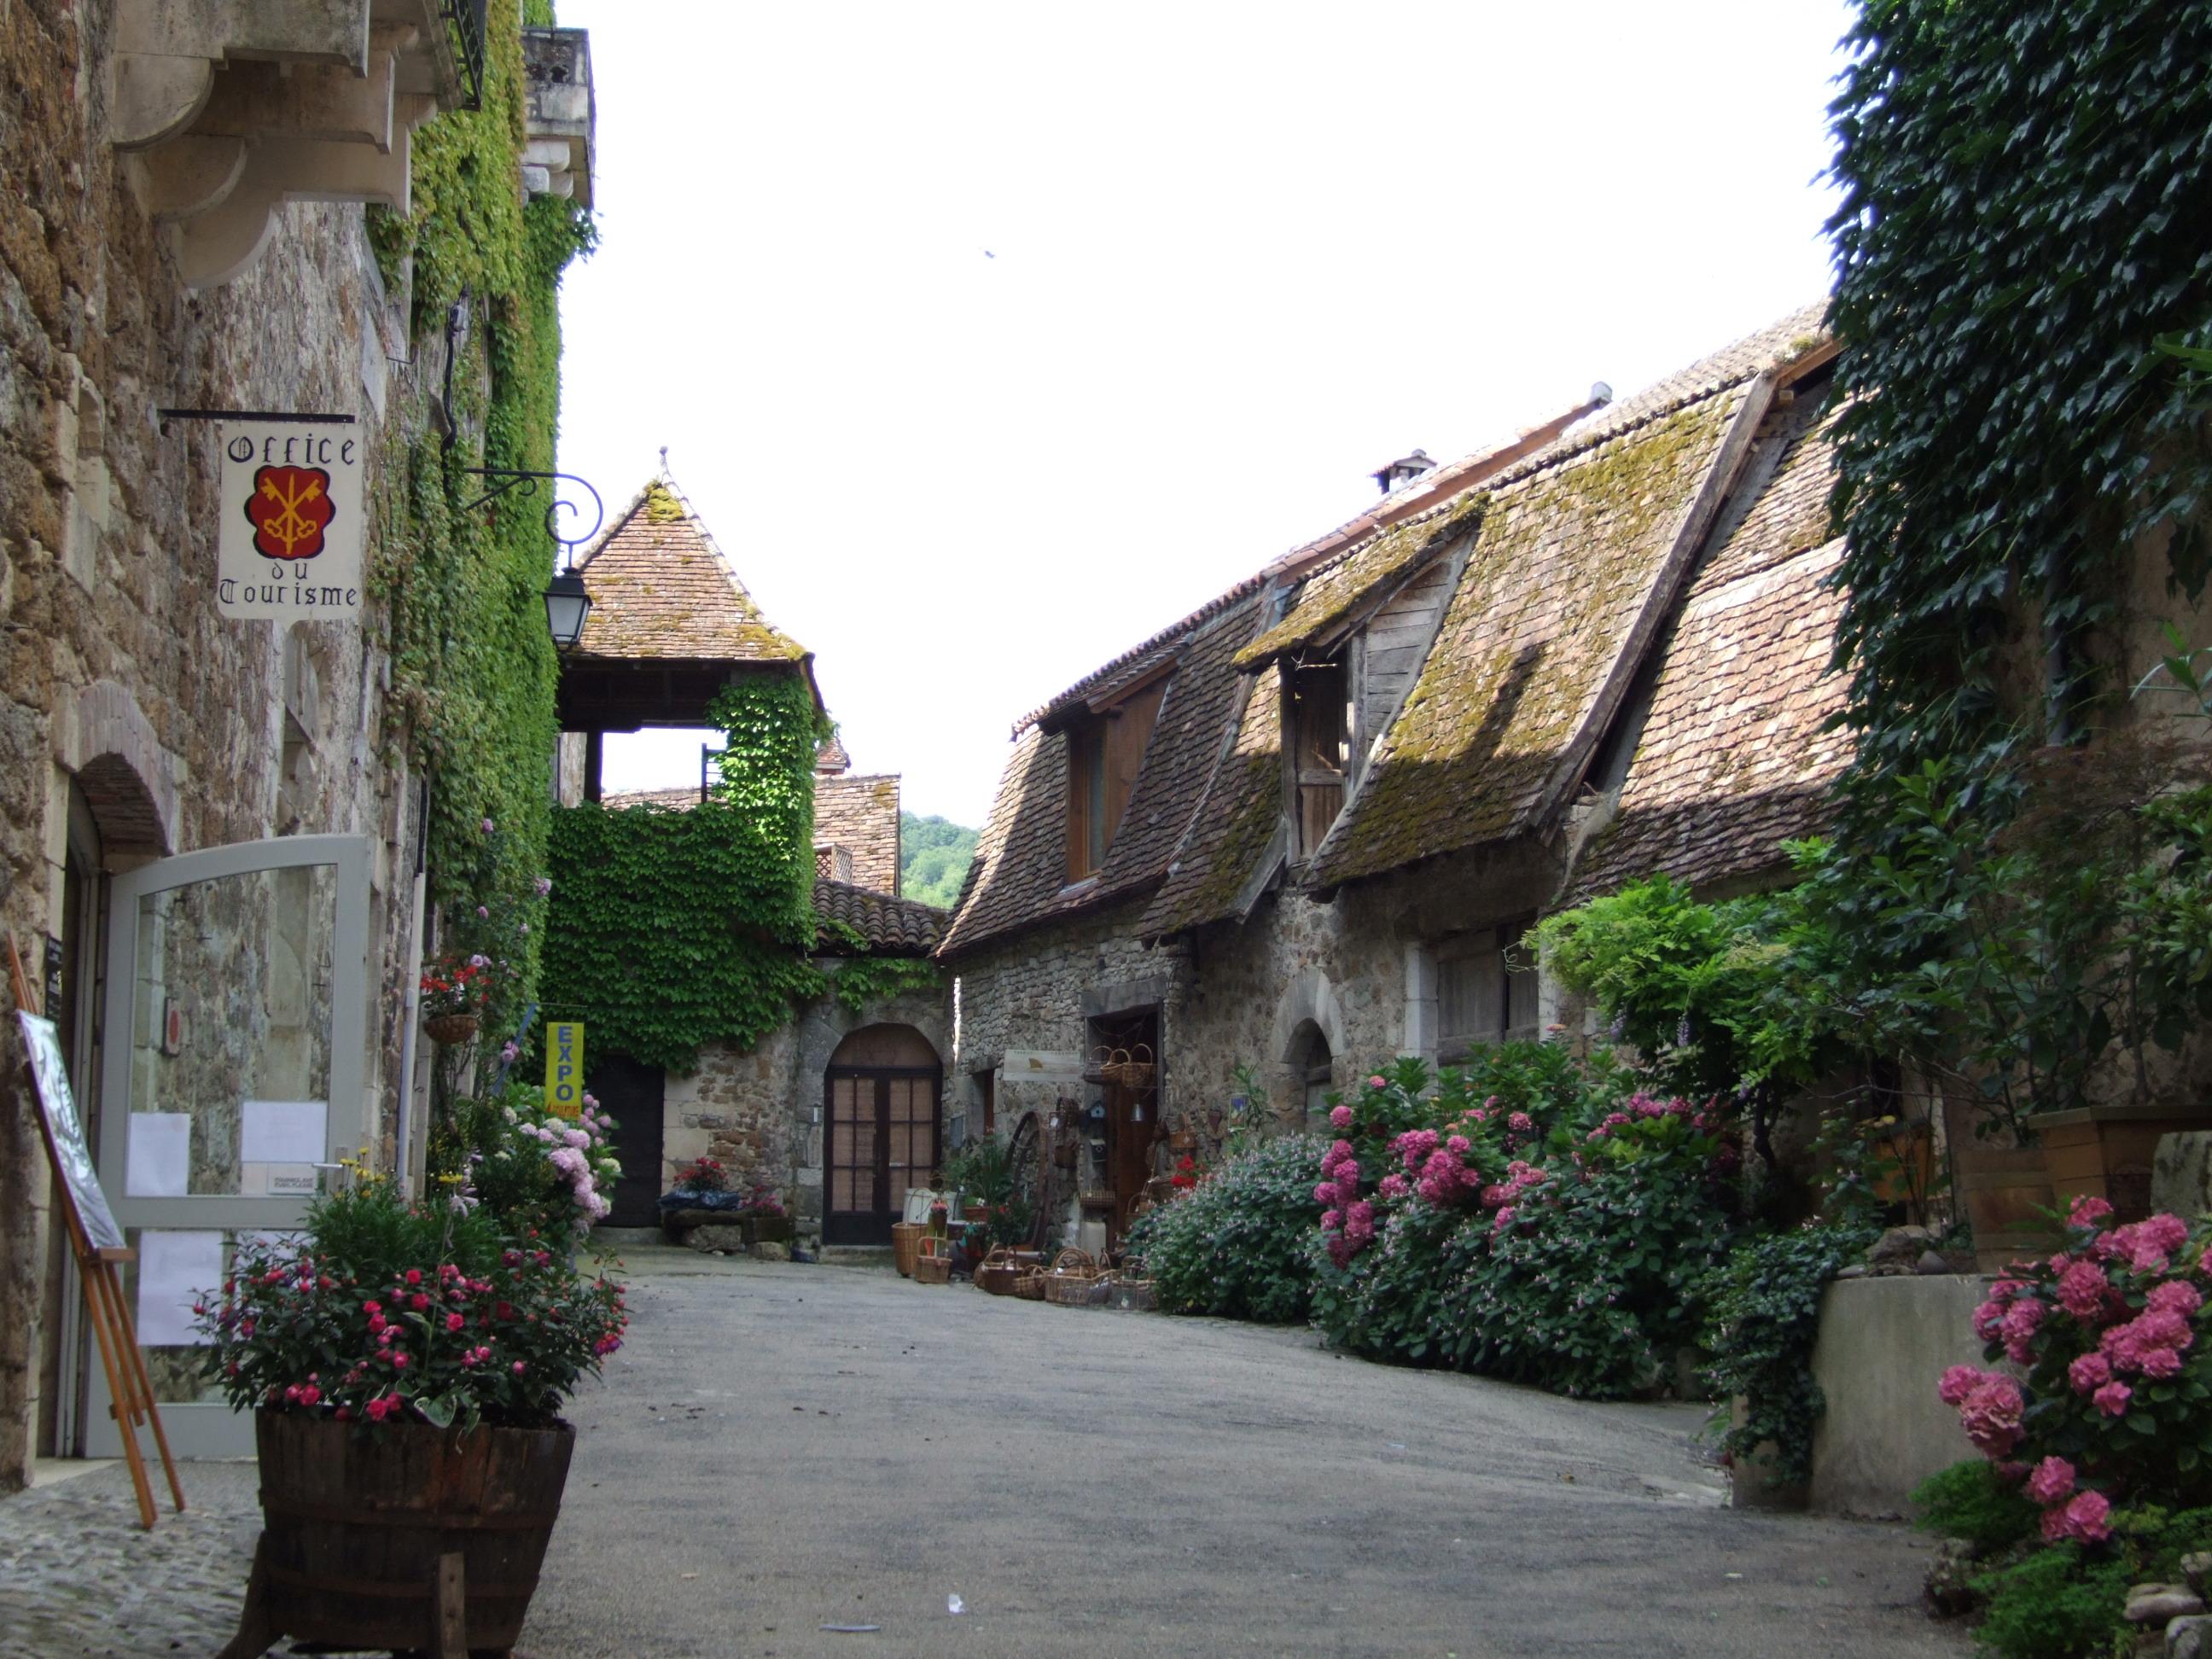 тона плитки французские деревушки фото даже разрешает